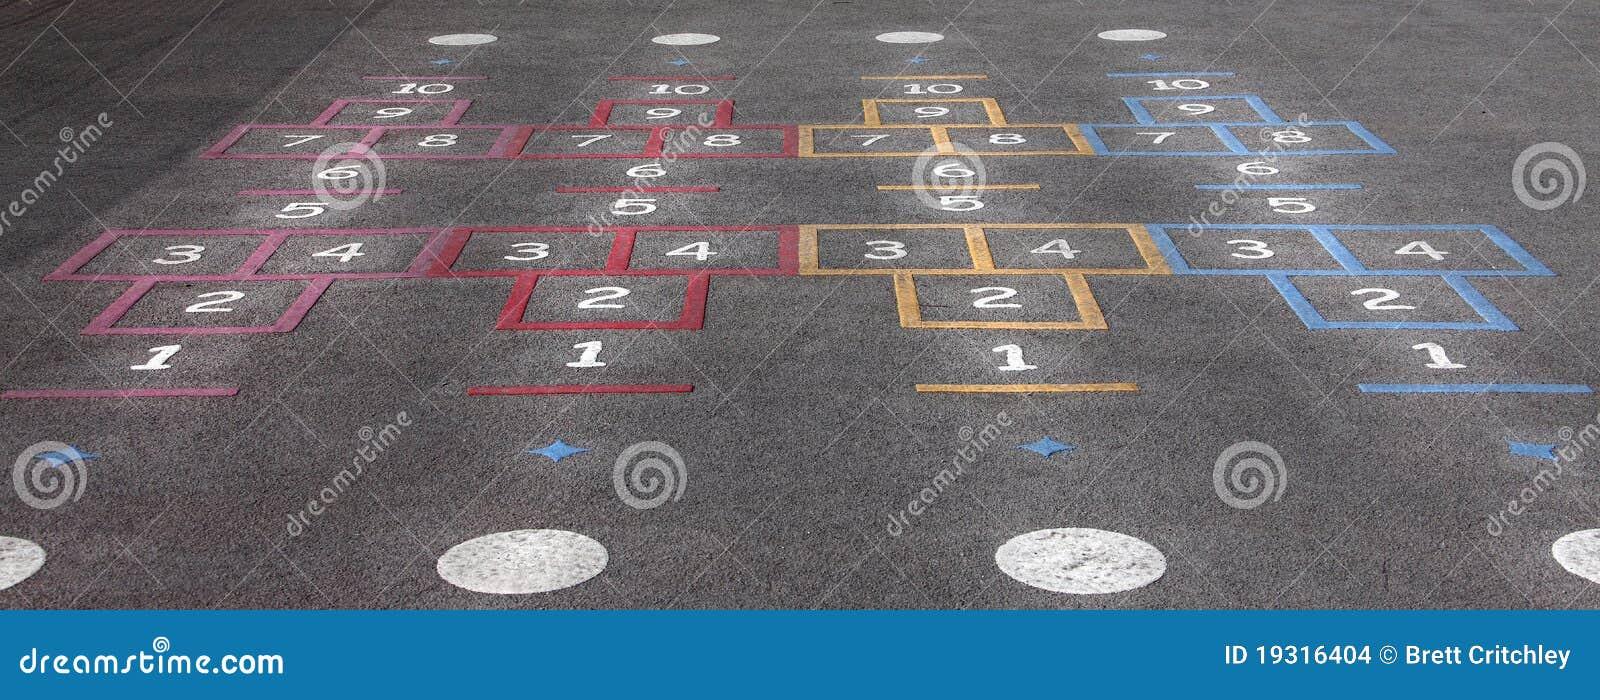 спортивная площадка hopscotch